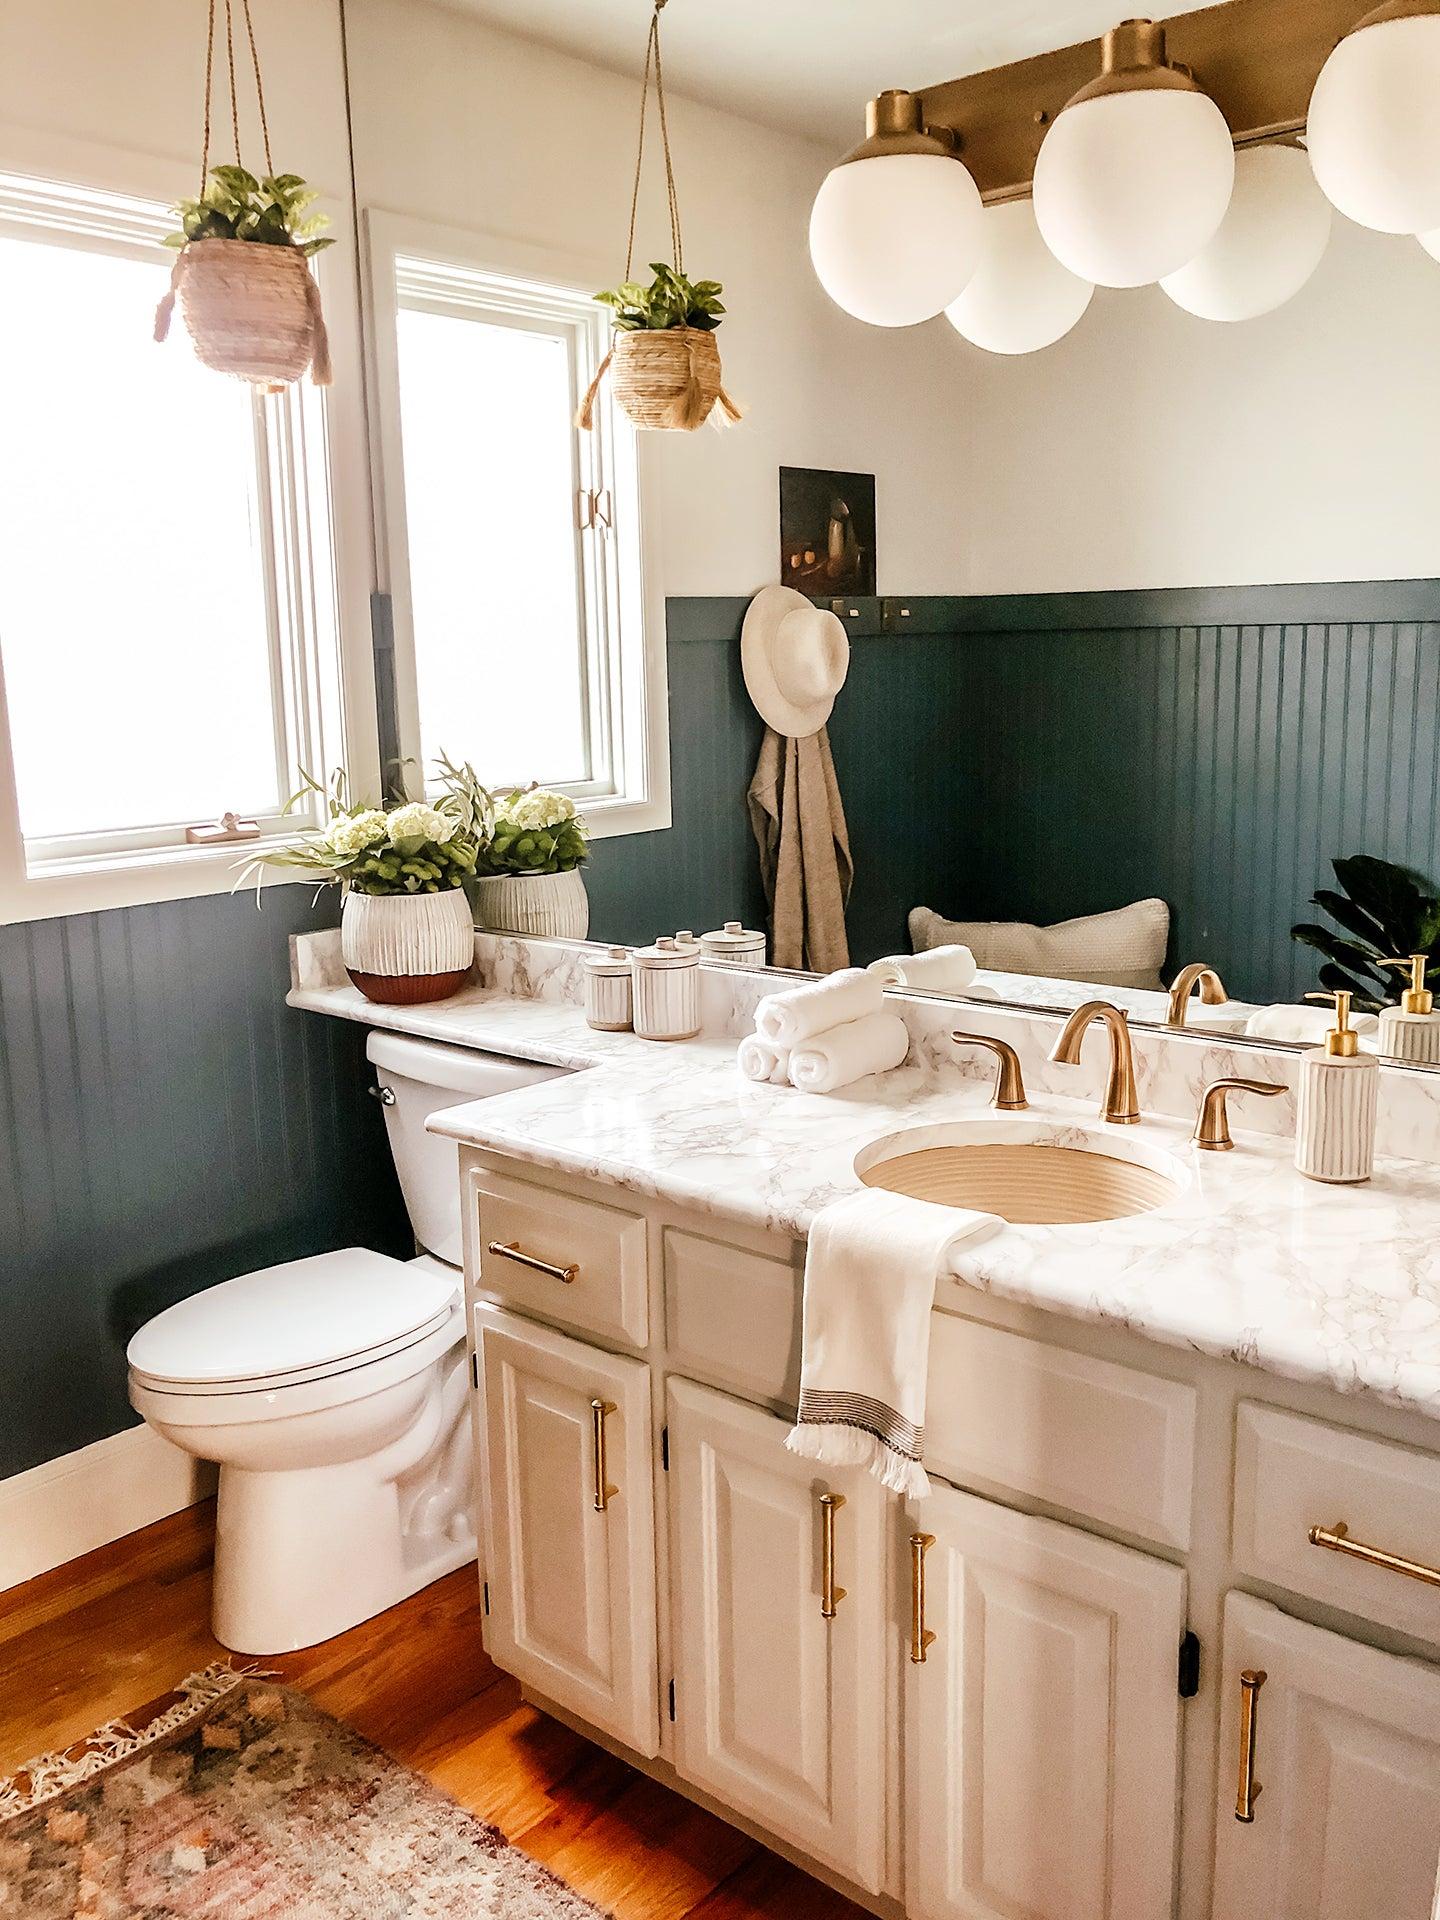 00-FEATURE-DIY-bathroom-countertop-domino